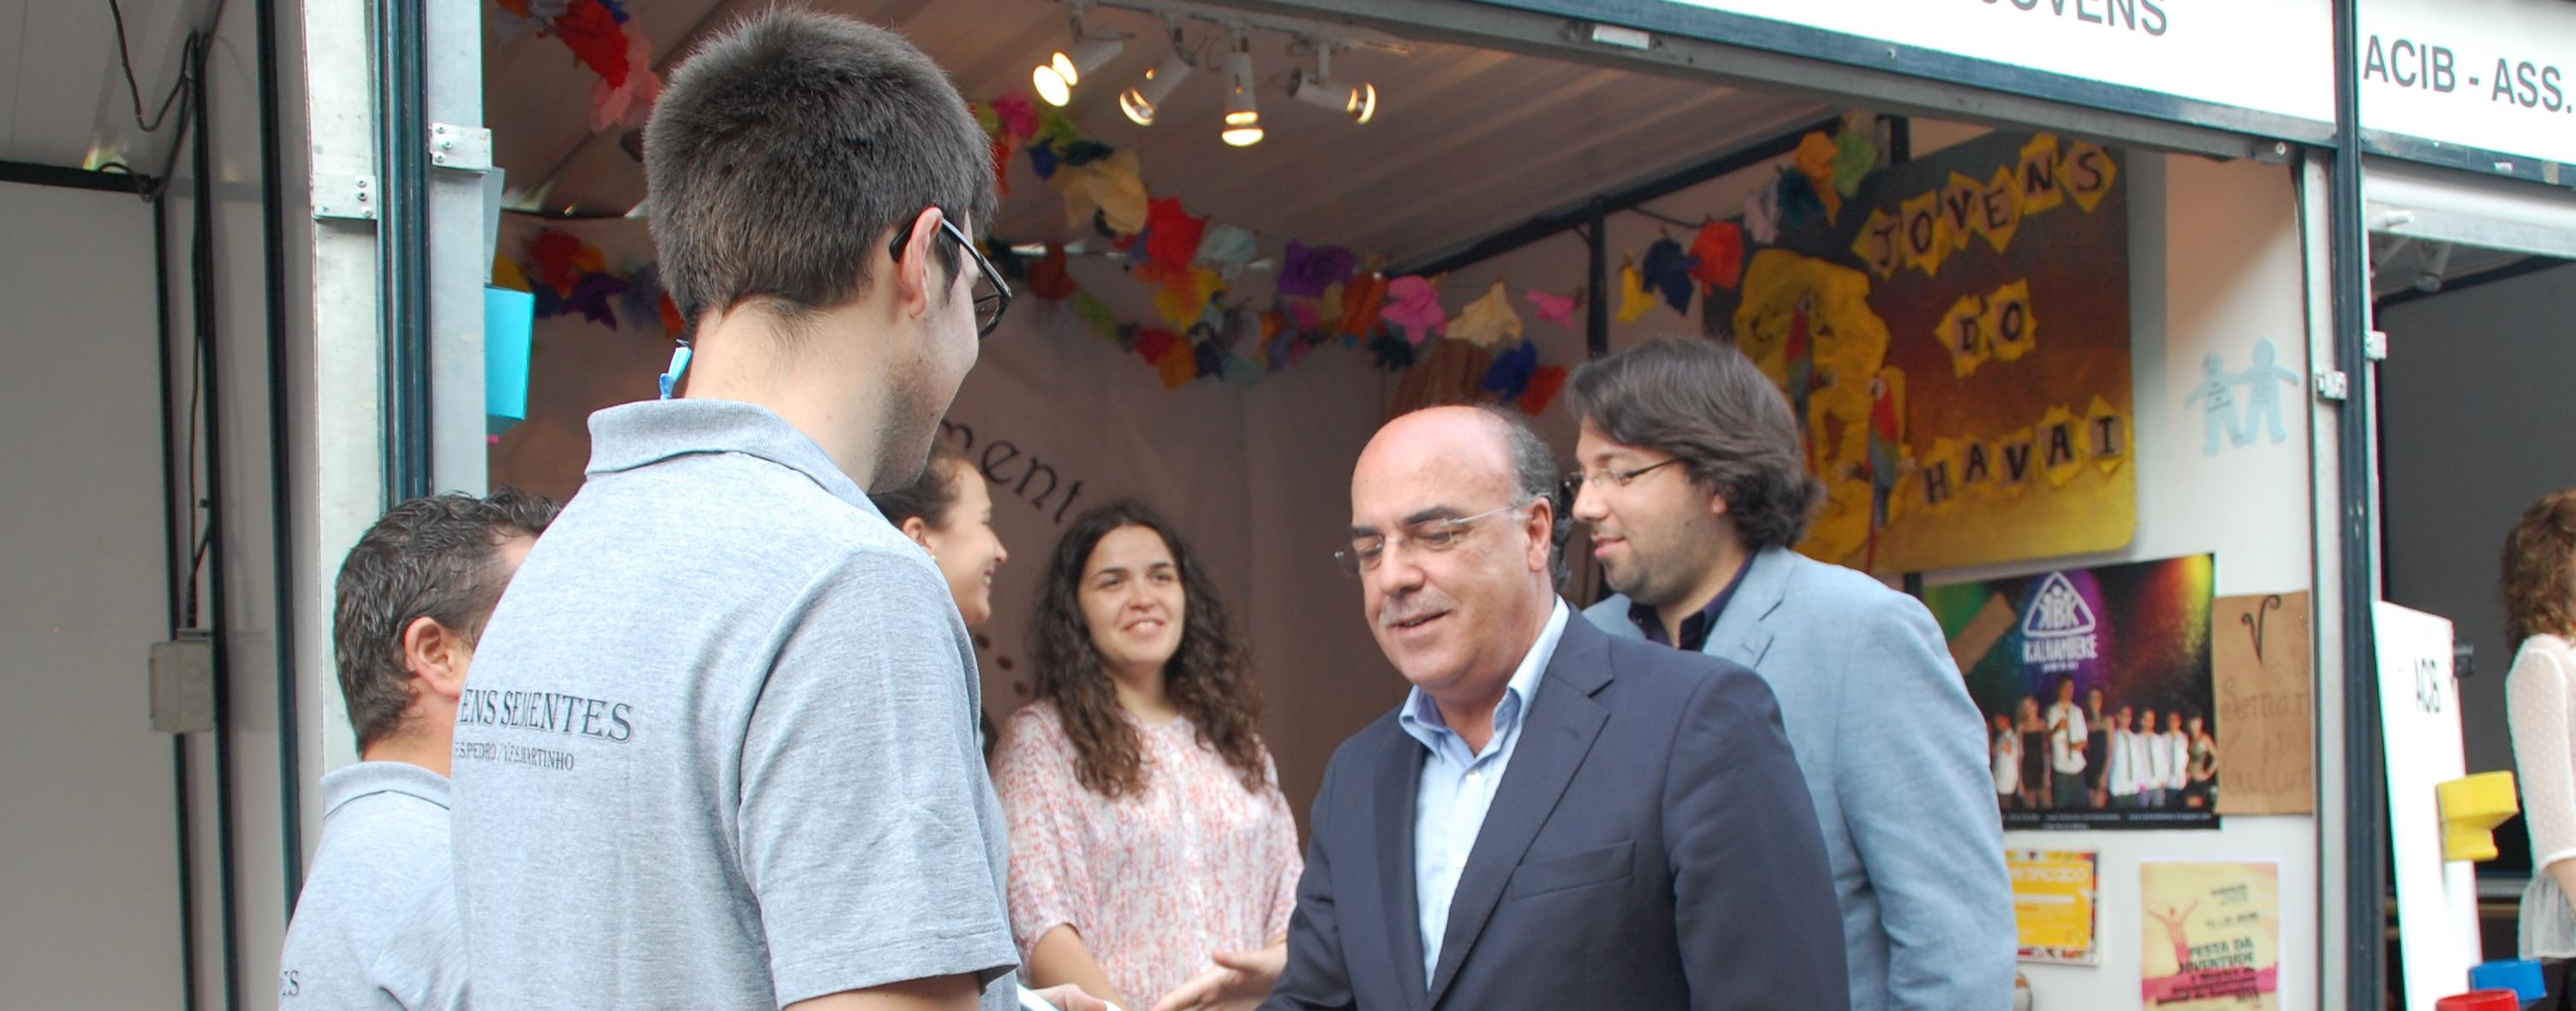 Mostra de Associativismo e Festa da Juventude animam centro da cidade